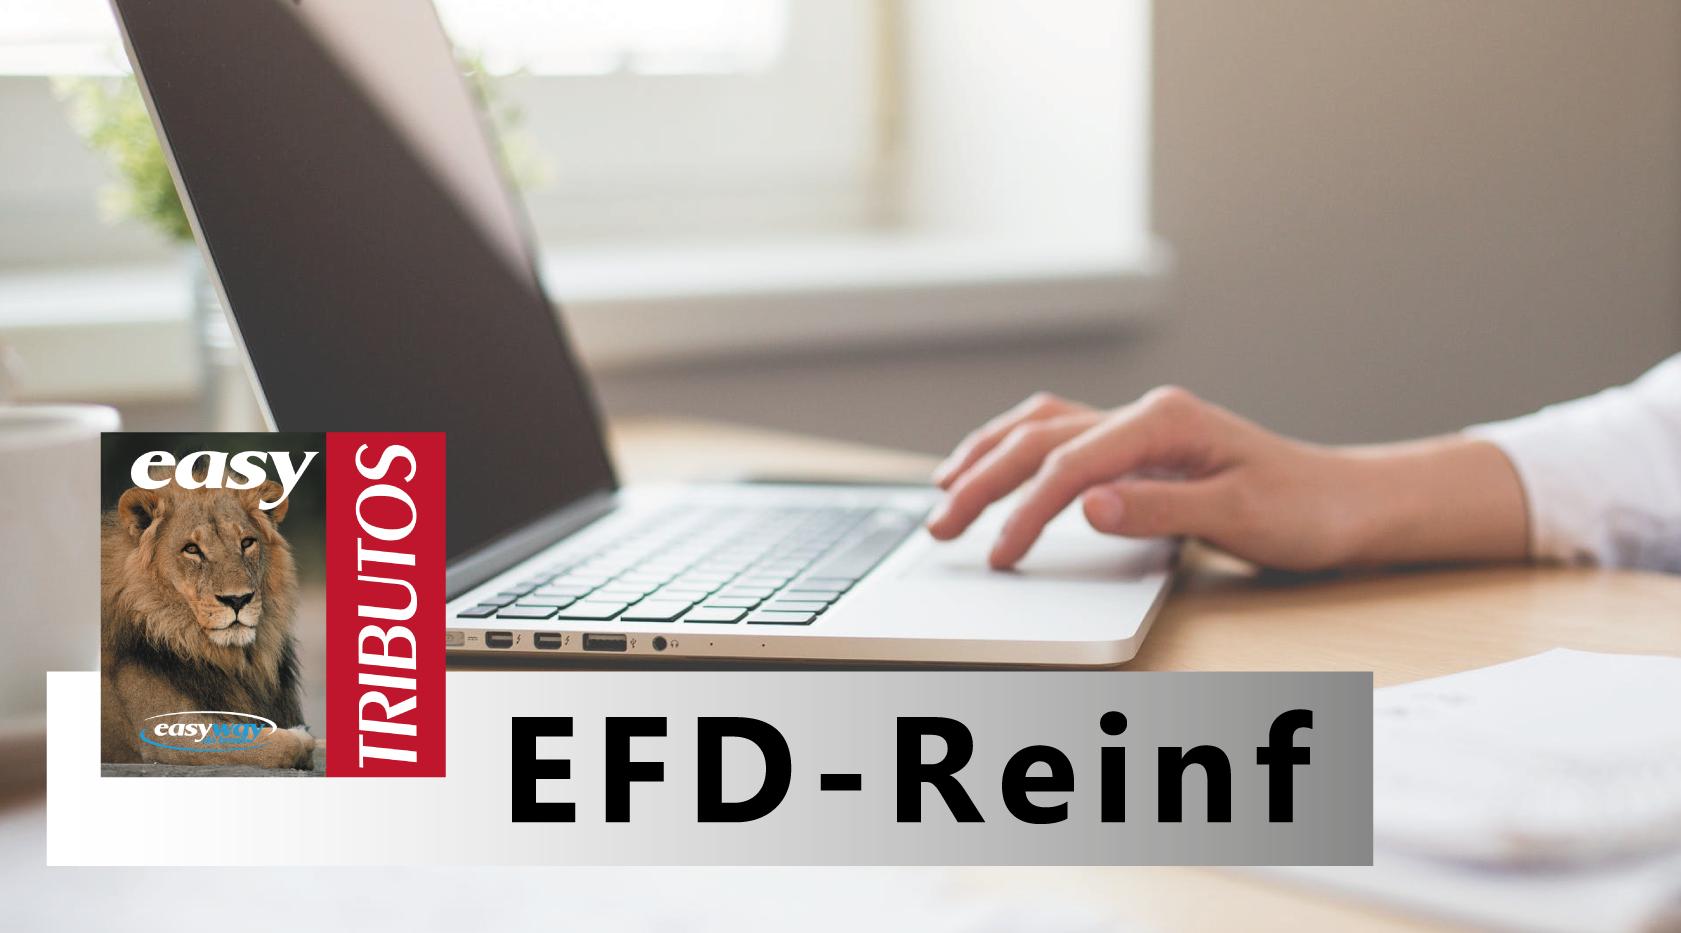 Aquisição de Produção Rural ganha bloco em leiaute da EFD-Reinf